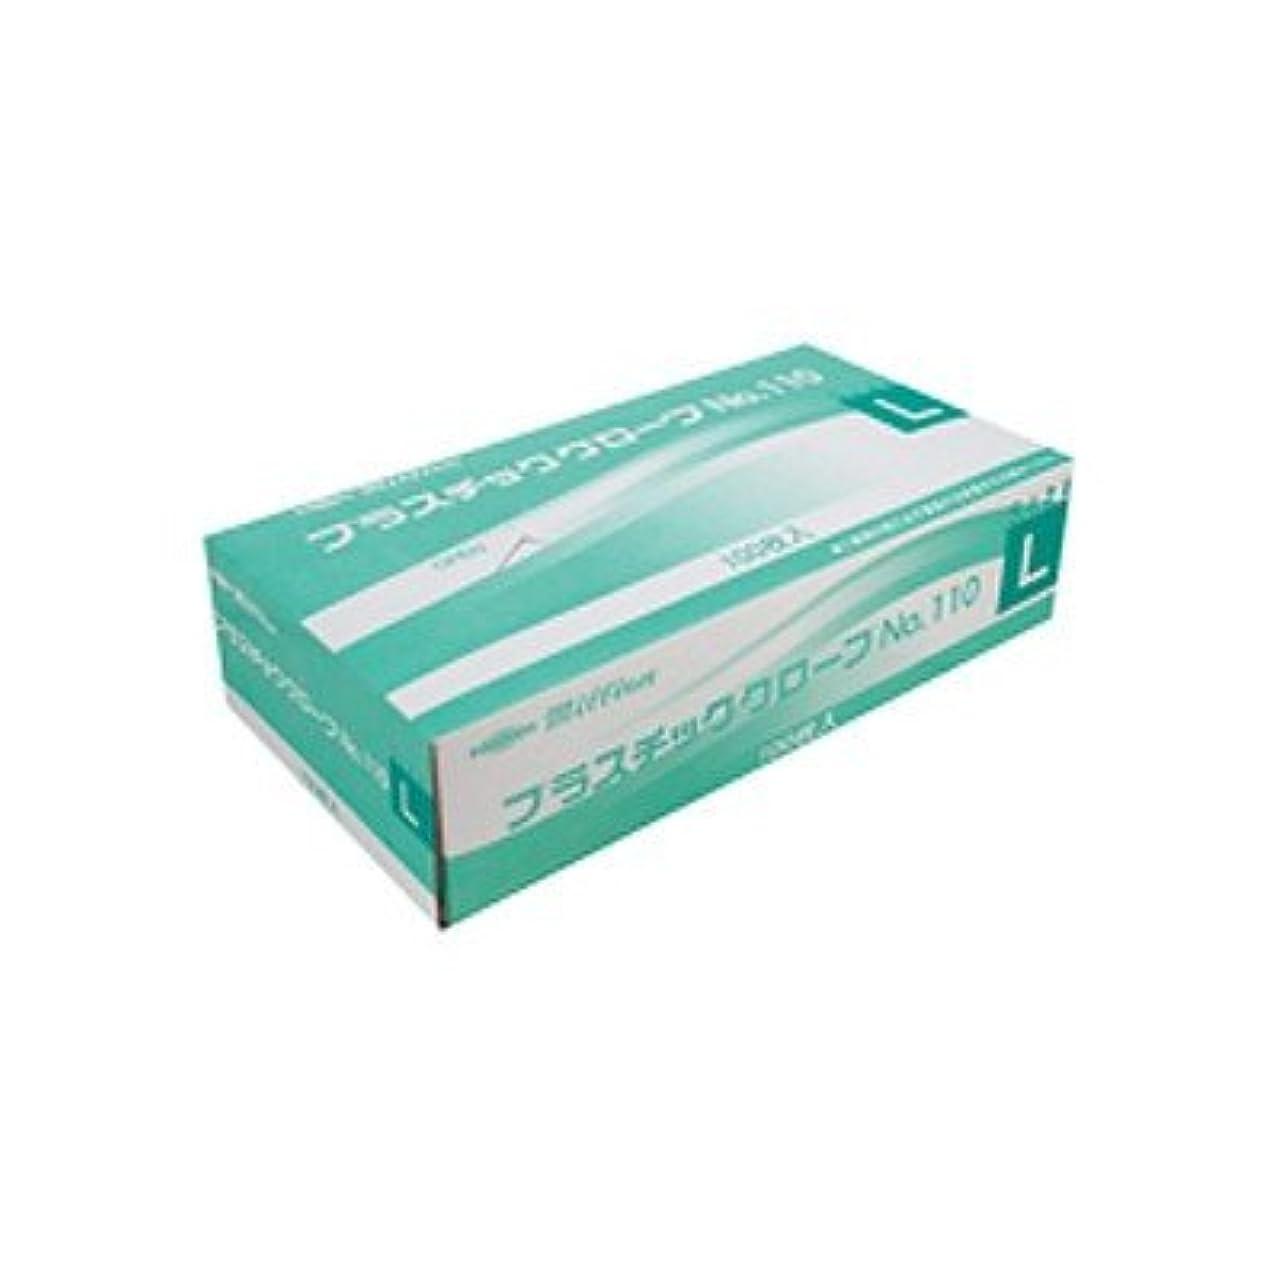 有彩色の練る憎しみミリオン プラスチック手袋 粉付 No.110 L 品番:LH-110-L 注文番号:62741507 メーカー:共和